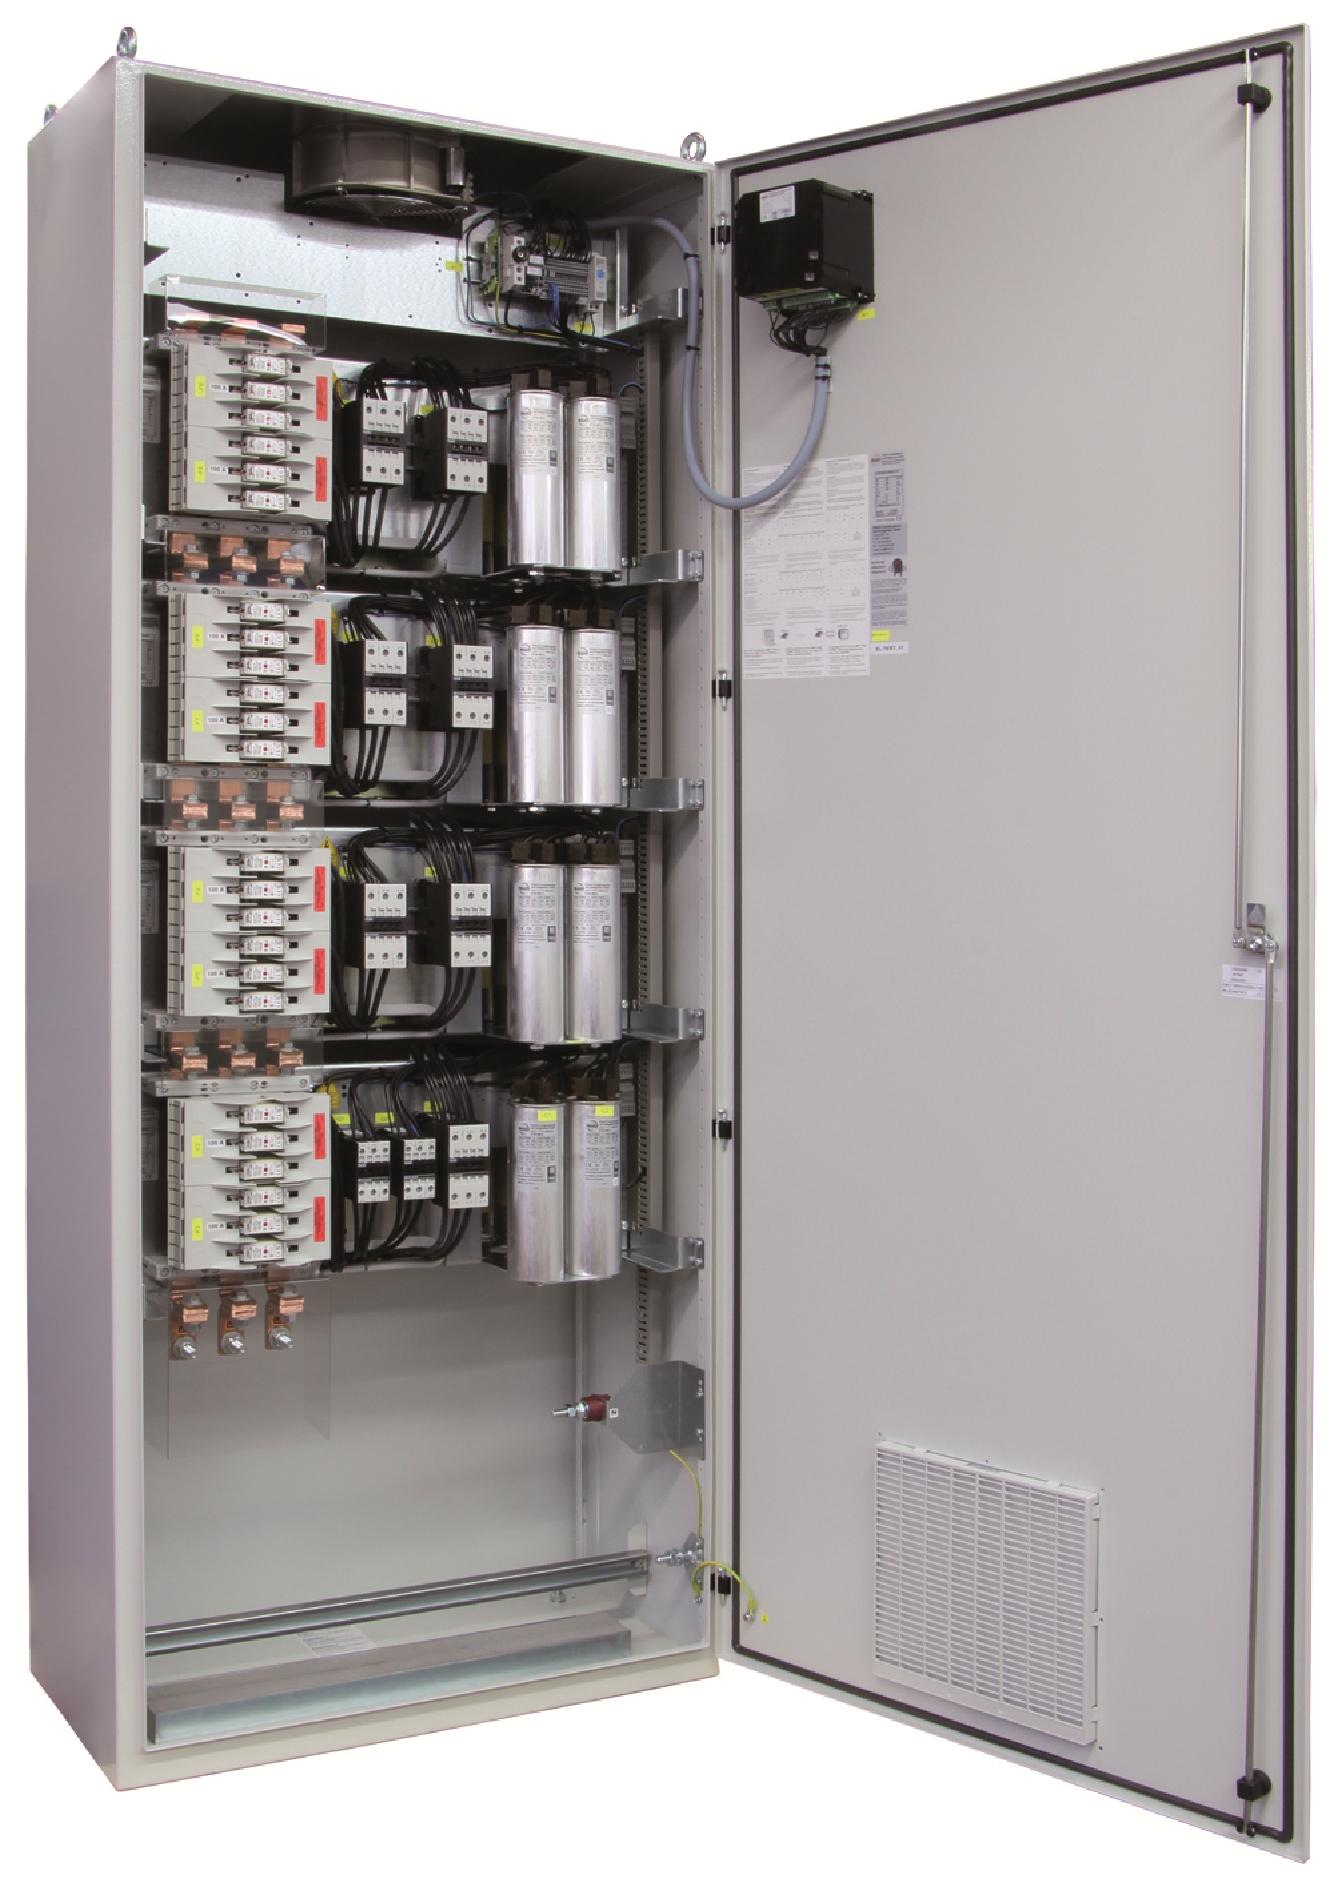 1 Stk Kompensation LSFC 14% 150/25kvar 800x2110x500mm FR3422634-